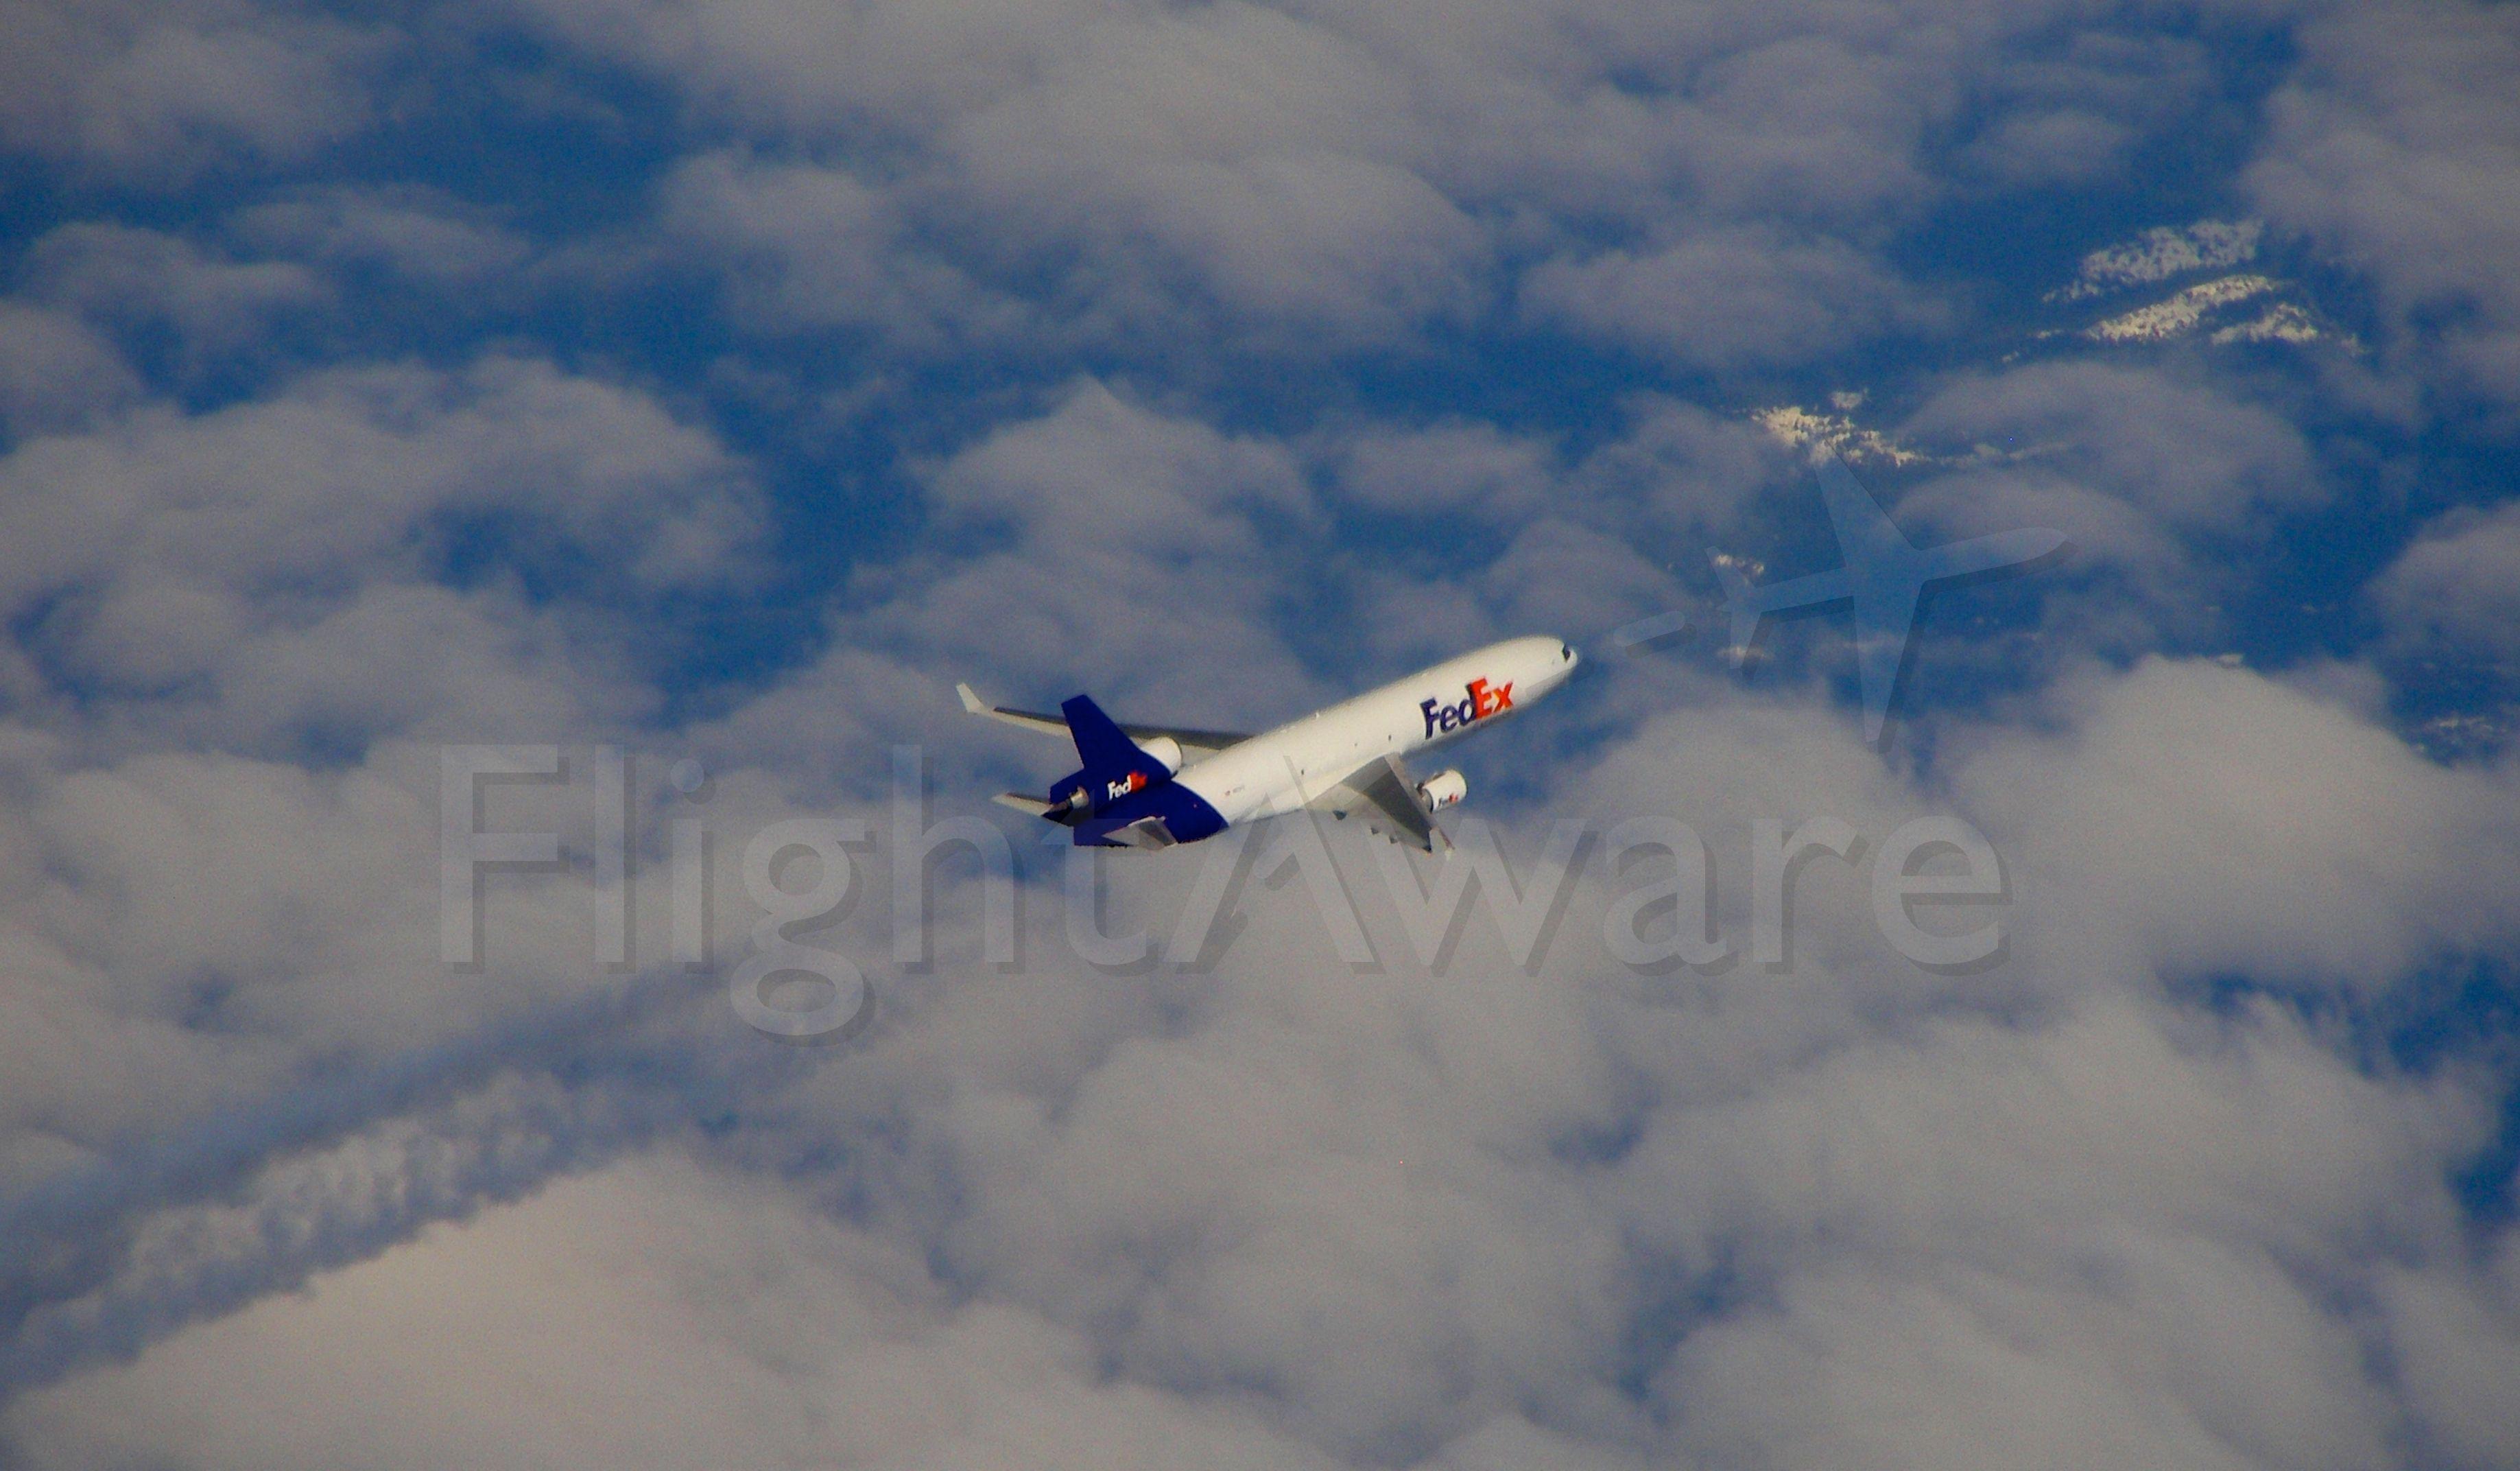 Boeing MD-11 — - FDX 90 - 22 May 2009 PANC-KMEM